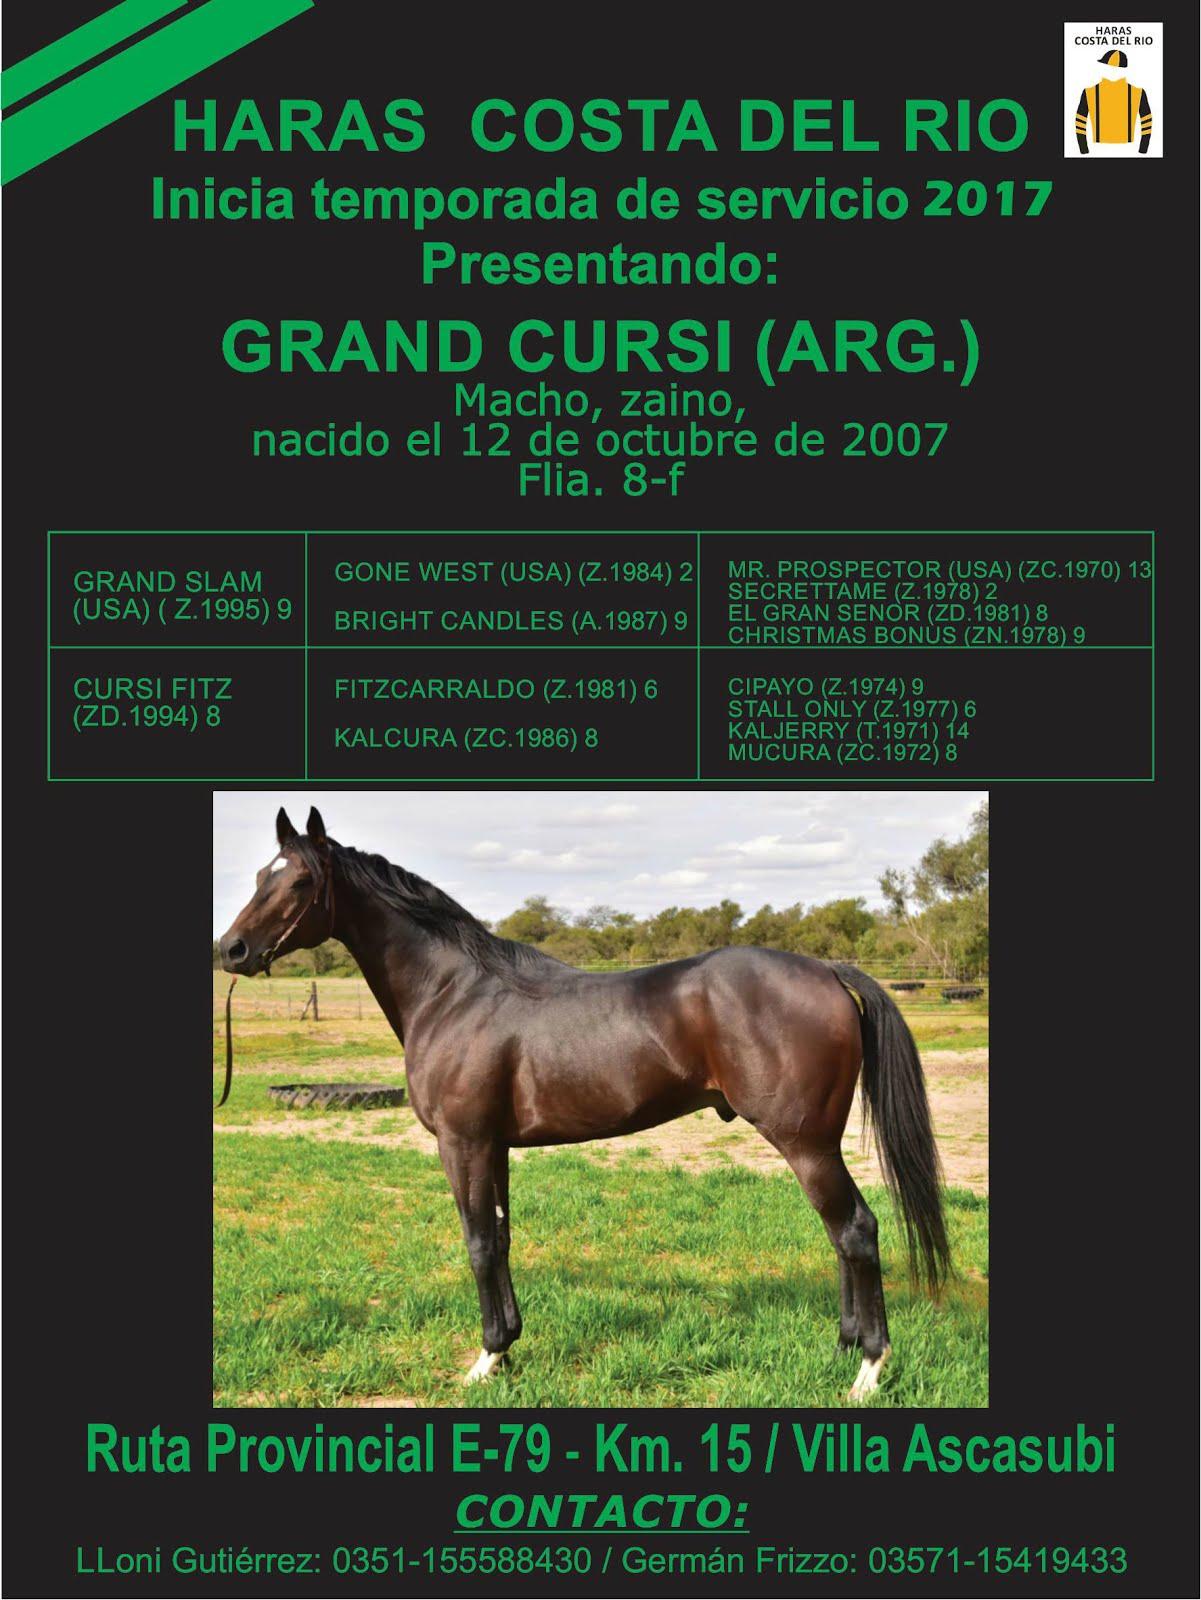 GRAND CURSI 1